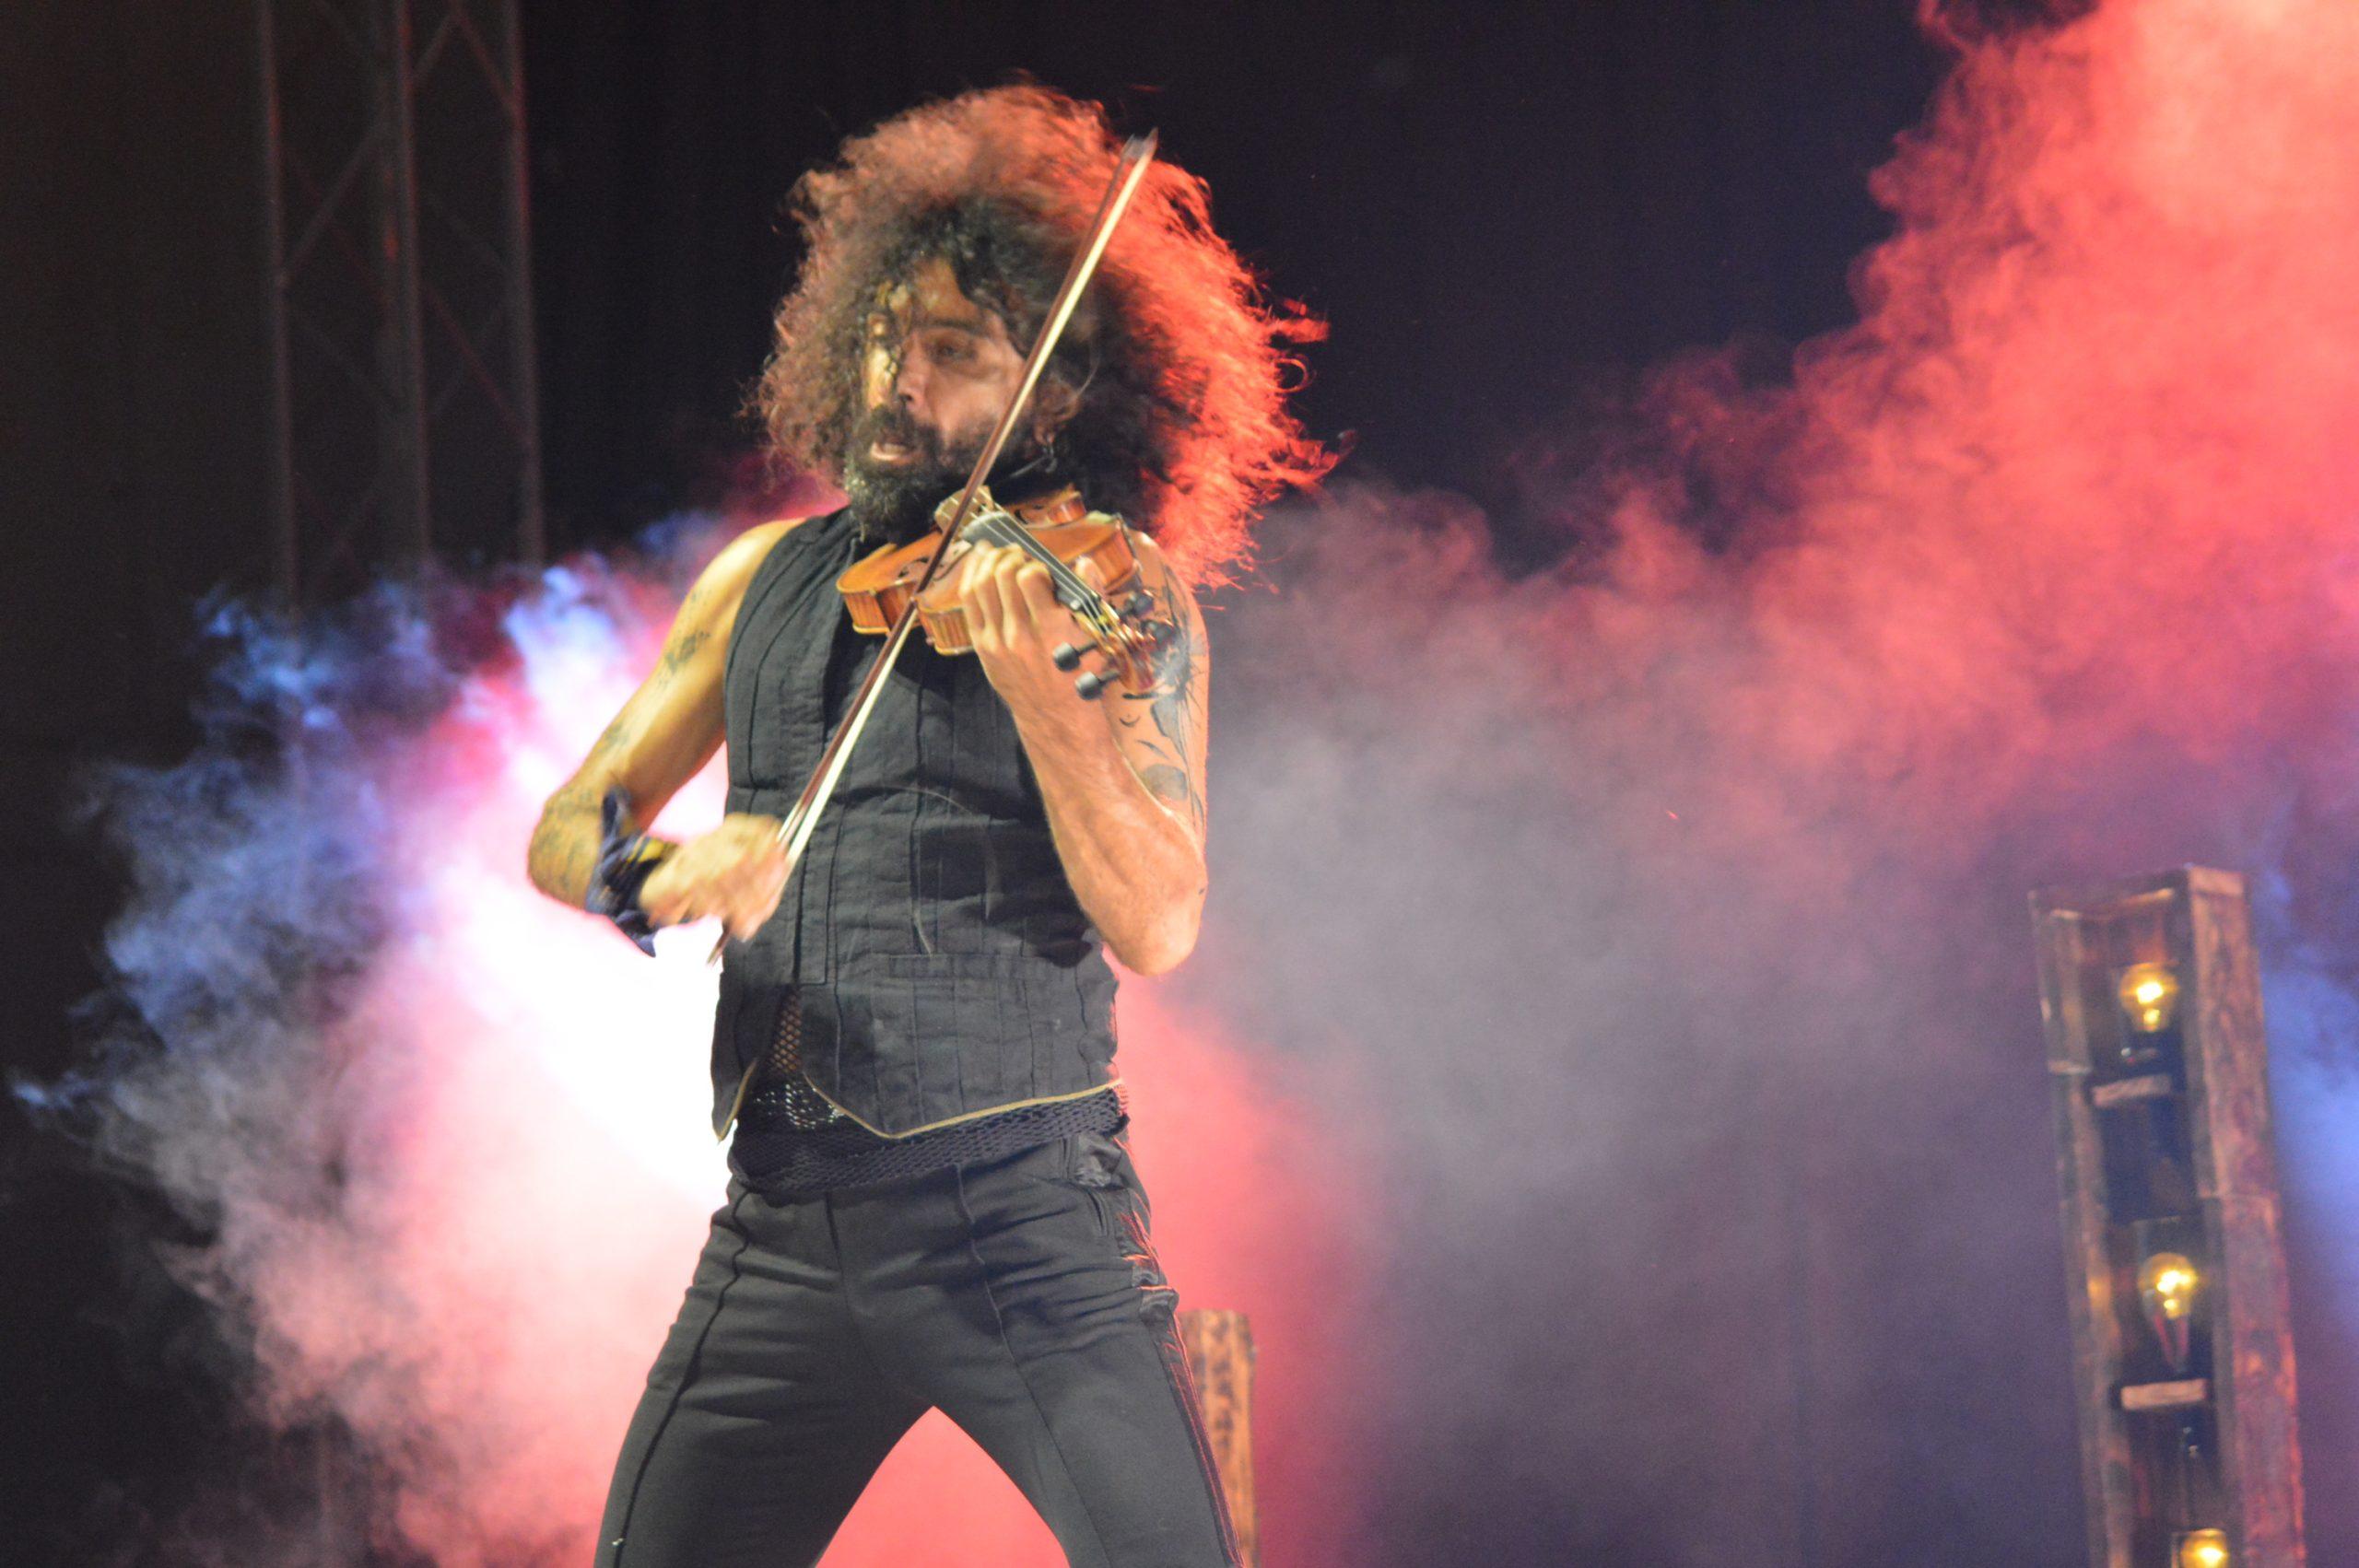 Ara Malikian emociona en su regreso a Ponferrada demostrando una vez más su virtuosismo con el violín 13